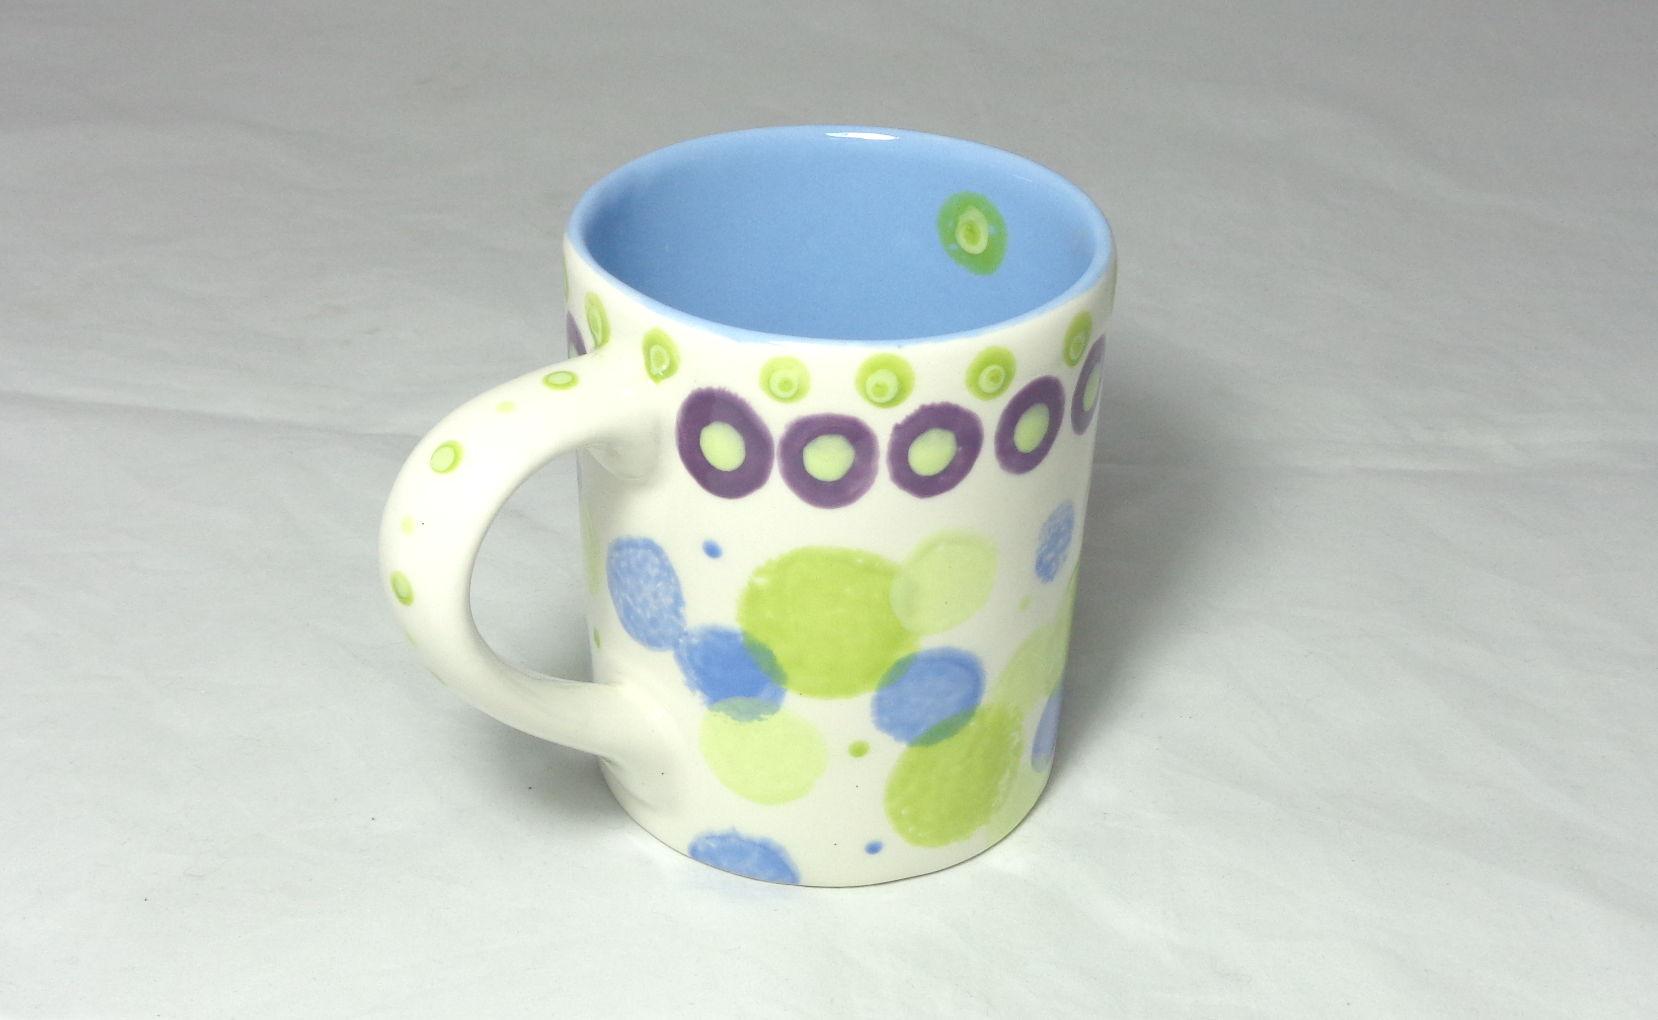 Bemalte Keramik Kaffeebecher No 3 getupft